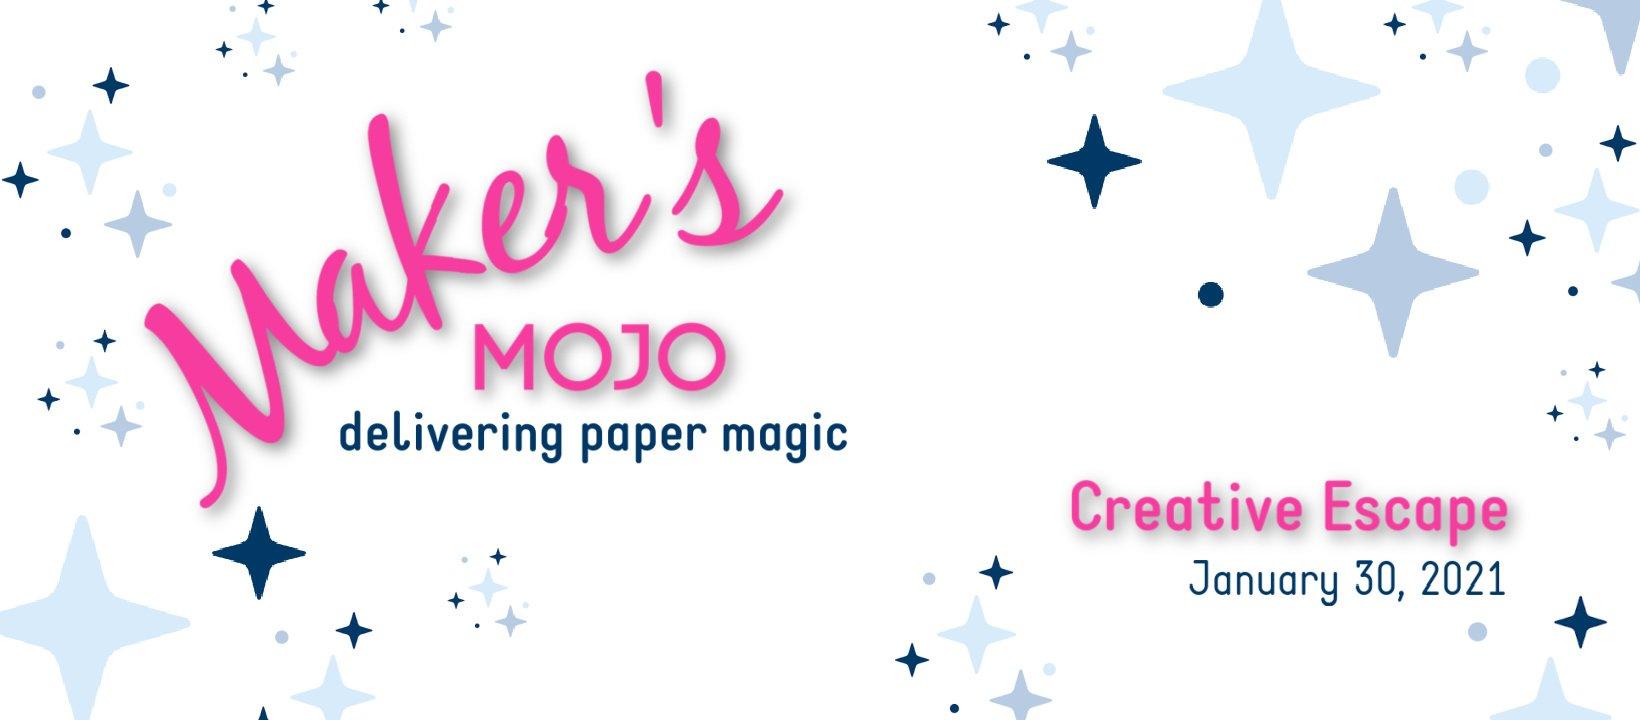 Makers Mojo Creative Escape